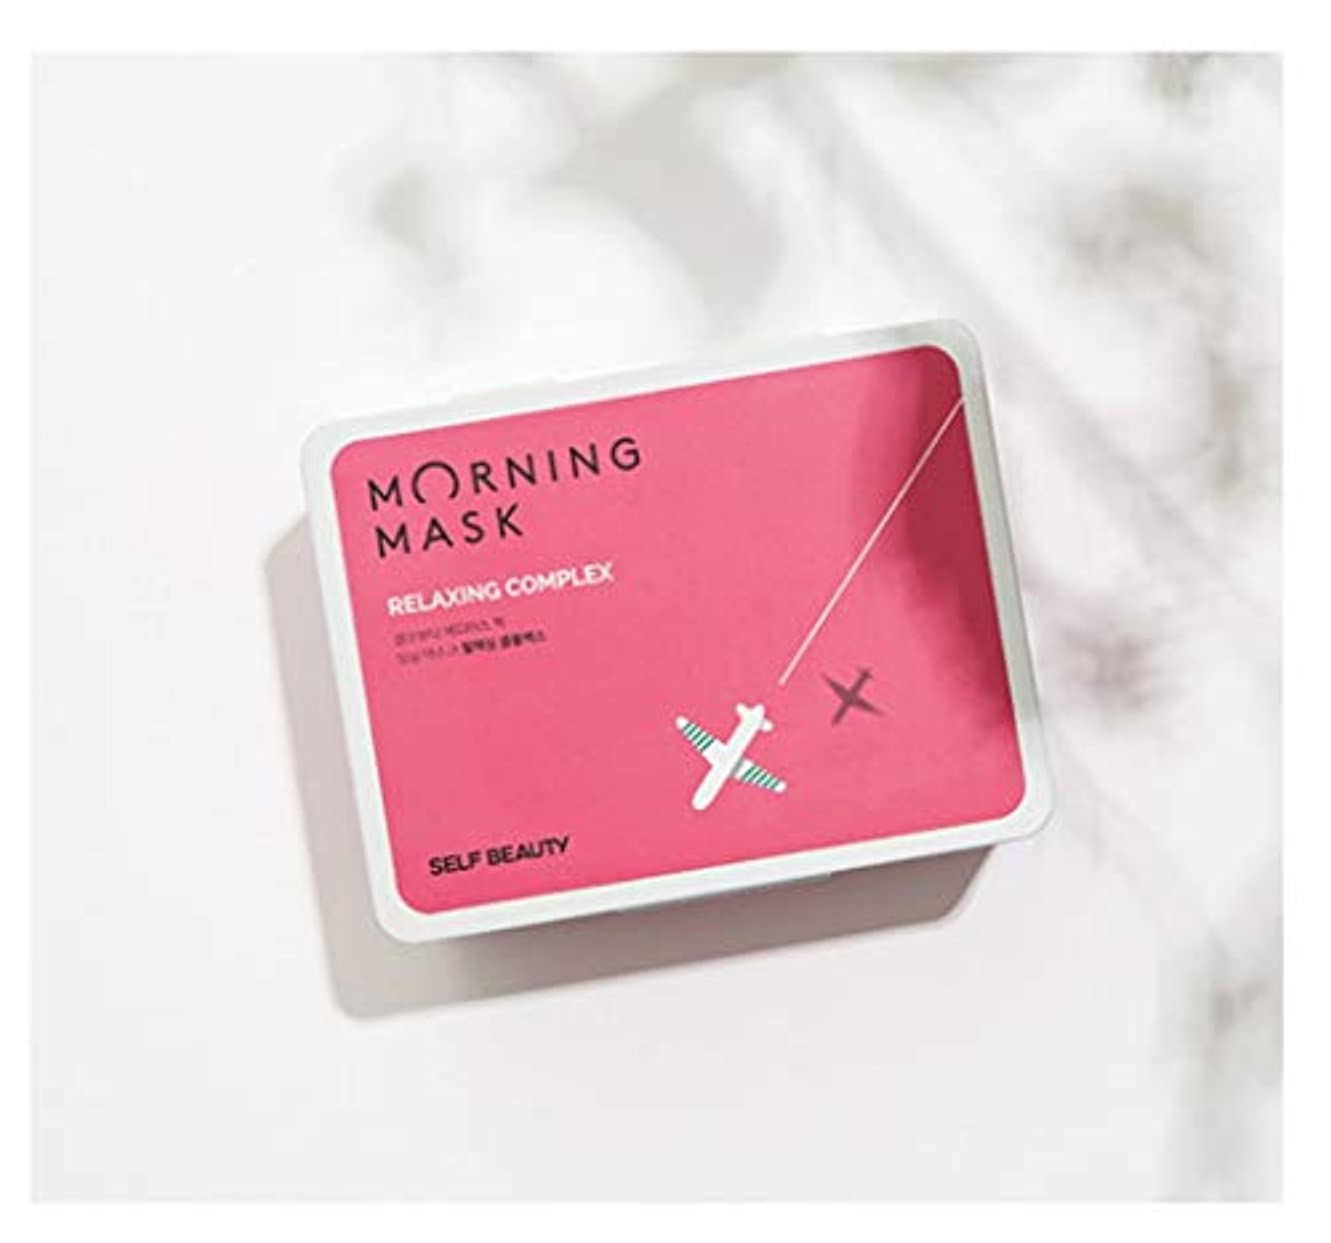 影響を受けやすいですスリンクスポークスマンSelf Beauty Morning Mask Relaxing Complex 1Box/30Sheetメイクアップの前にモーニングマスク、疲れた肌のための鎮静ケア(海外直送)